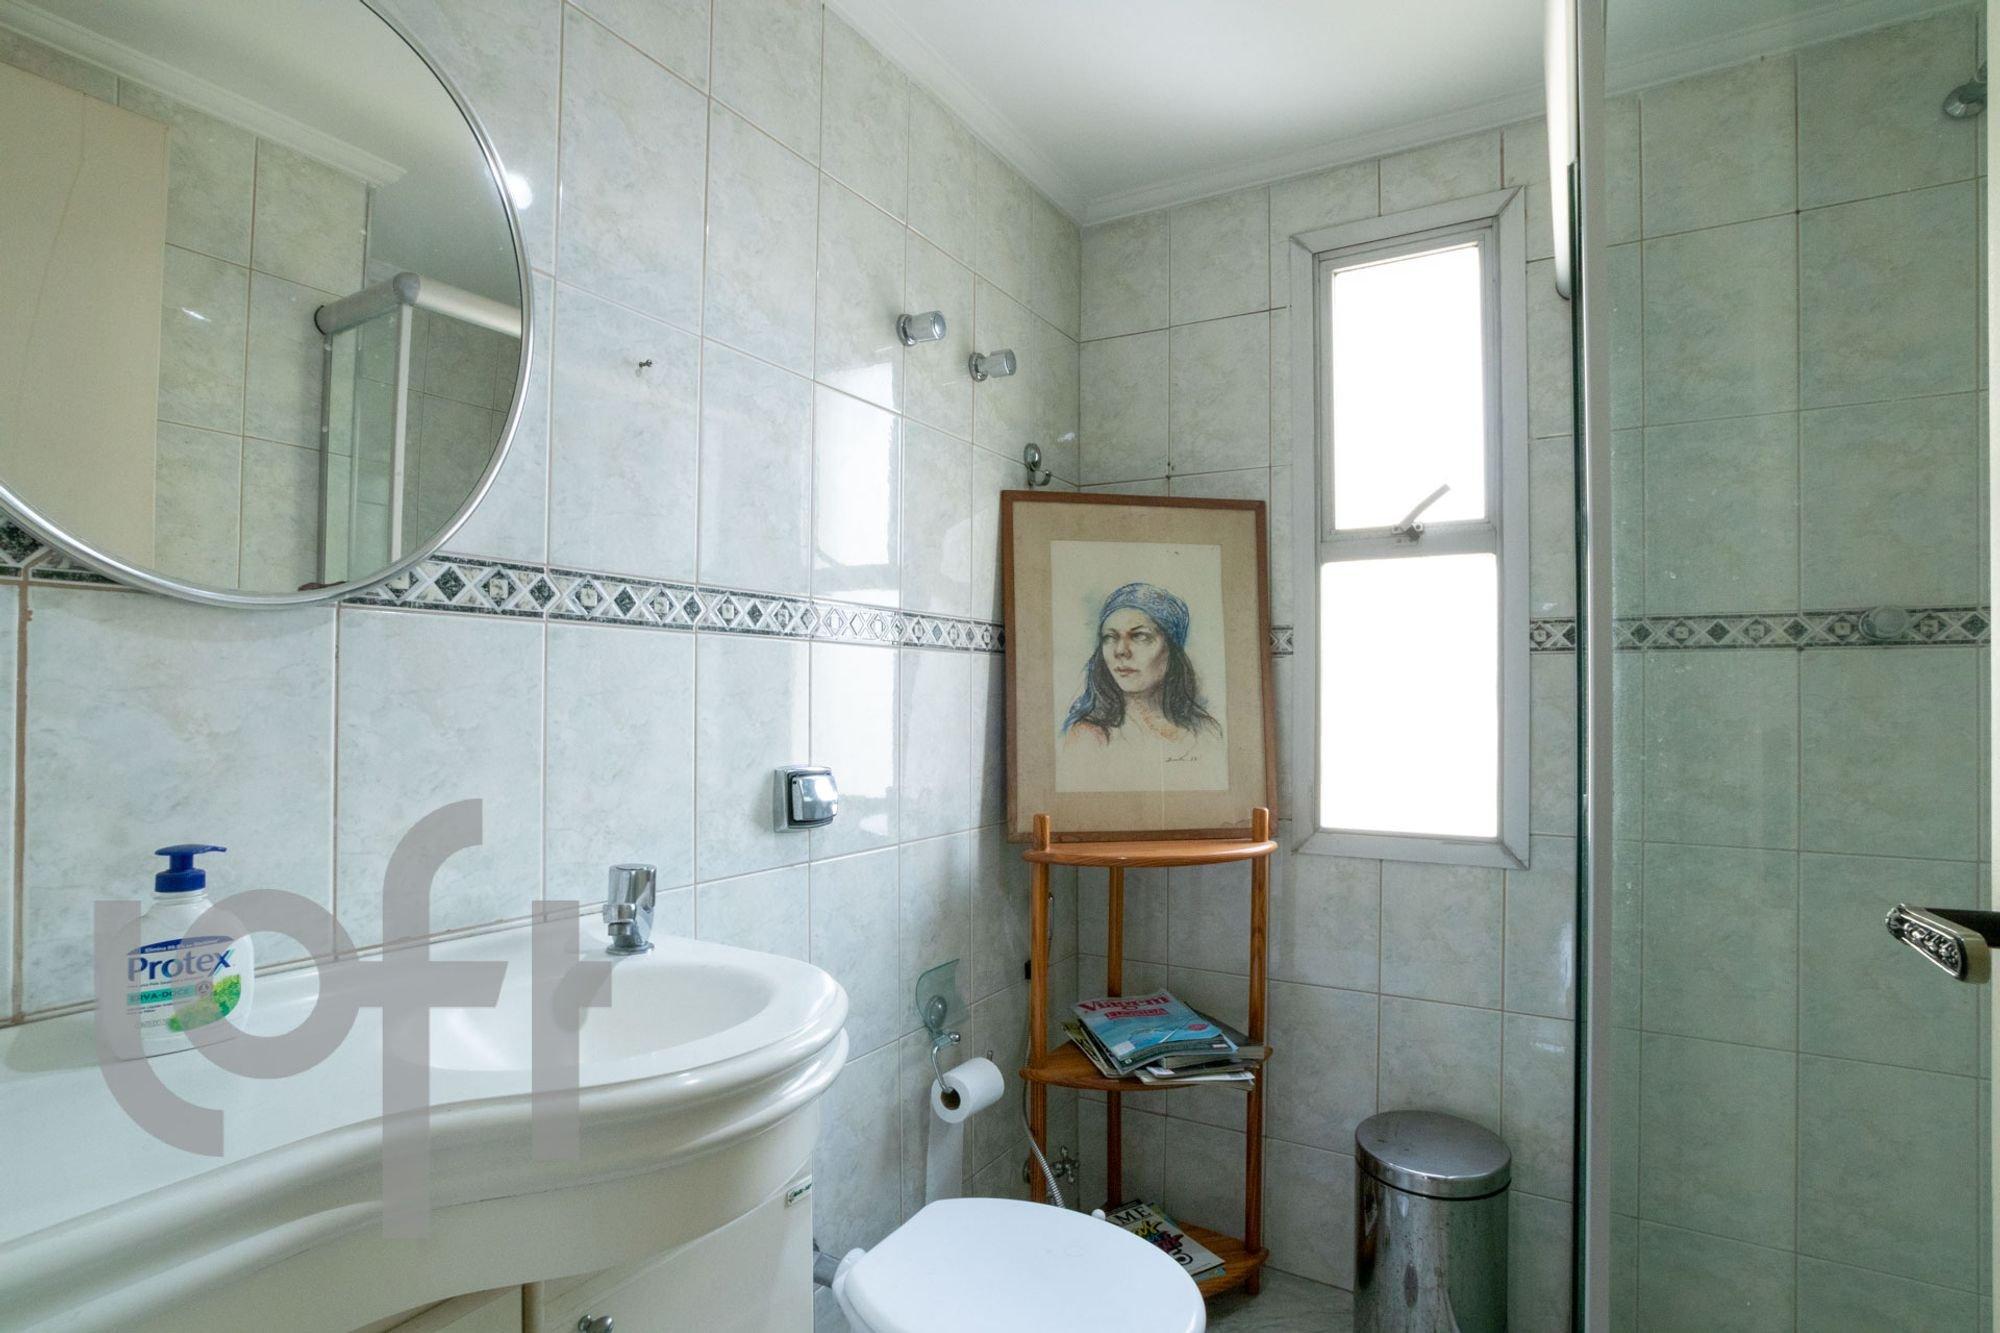 Foto de Banheiro com vaso sanitário, garrafa, livro